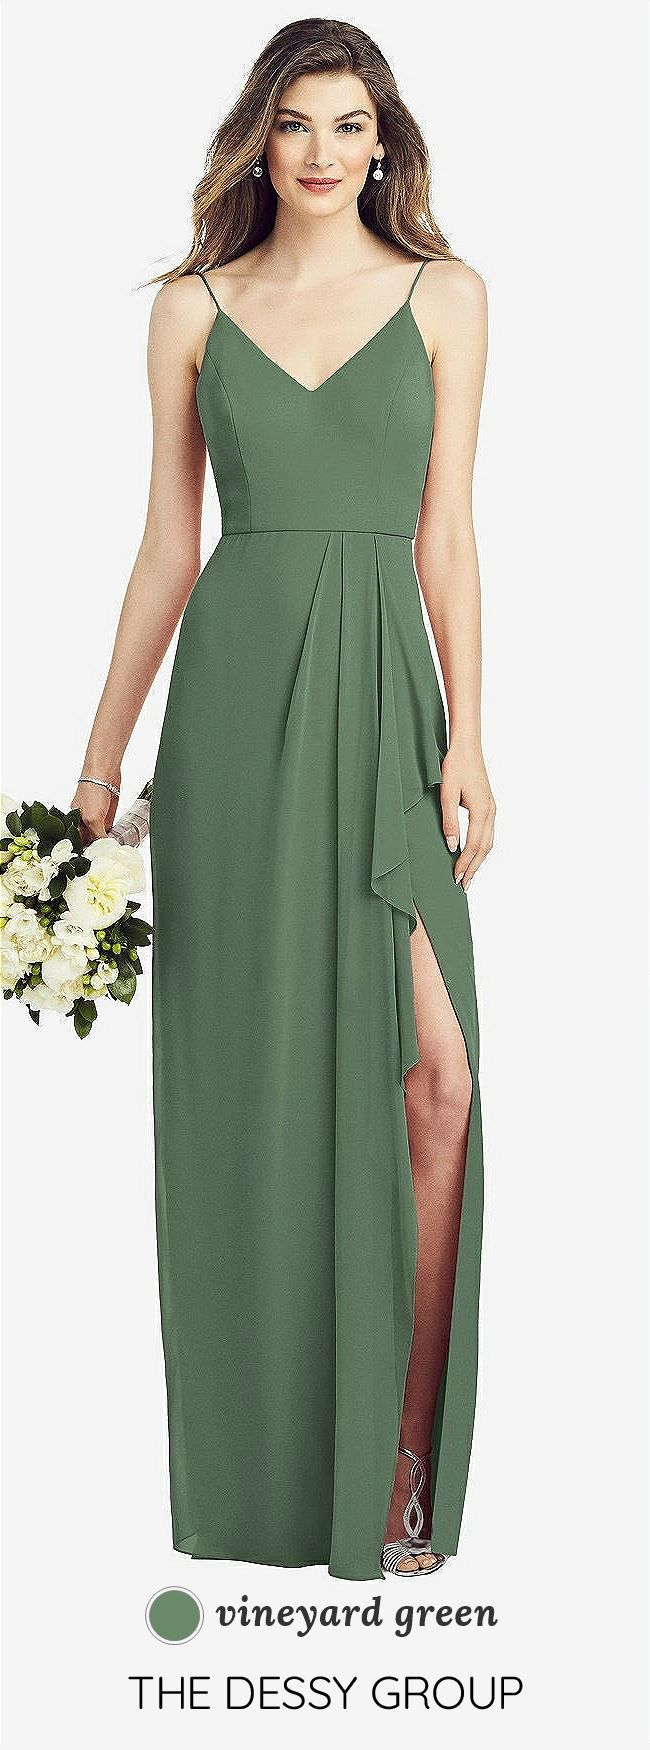 Nanette Lepore Spearmint Alina Dress Sage Bridesmaid Dresses Cocktail Dress Lace Green Cocktail Dress [ 1620 x 1080 Pixel ]